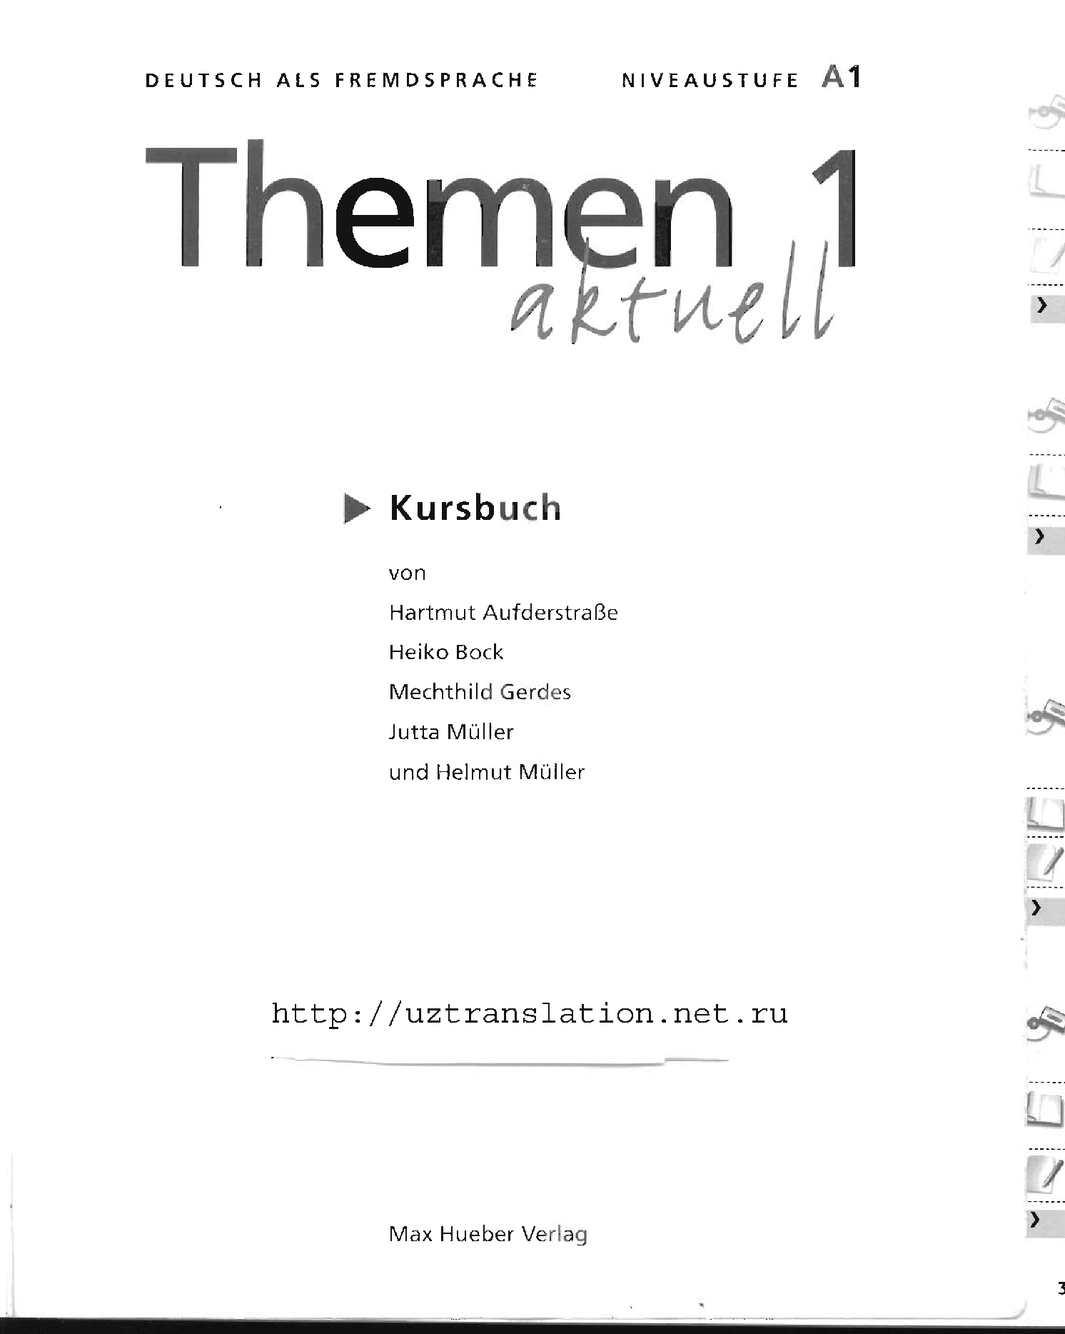 themen 1 aktuell kursbuch ebook download